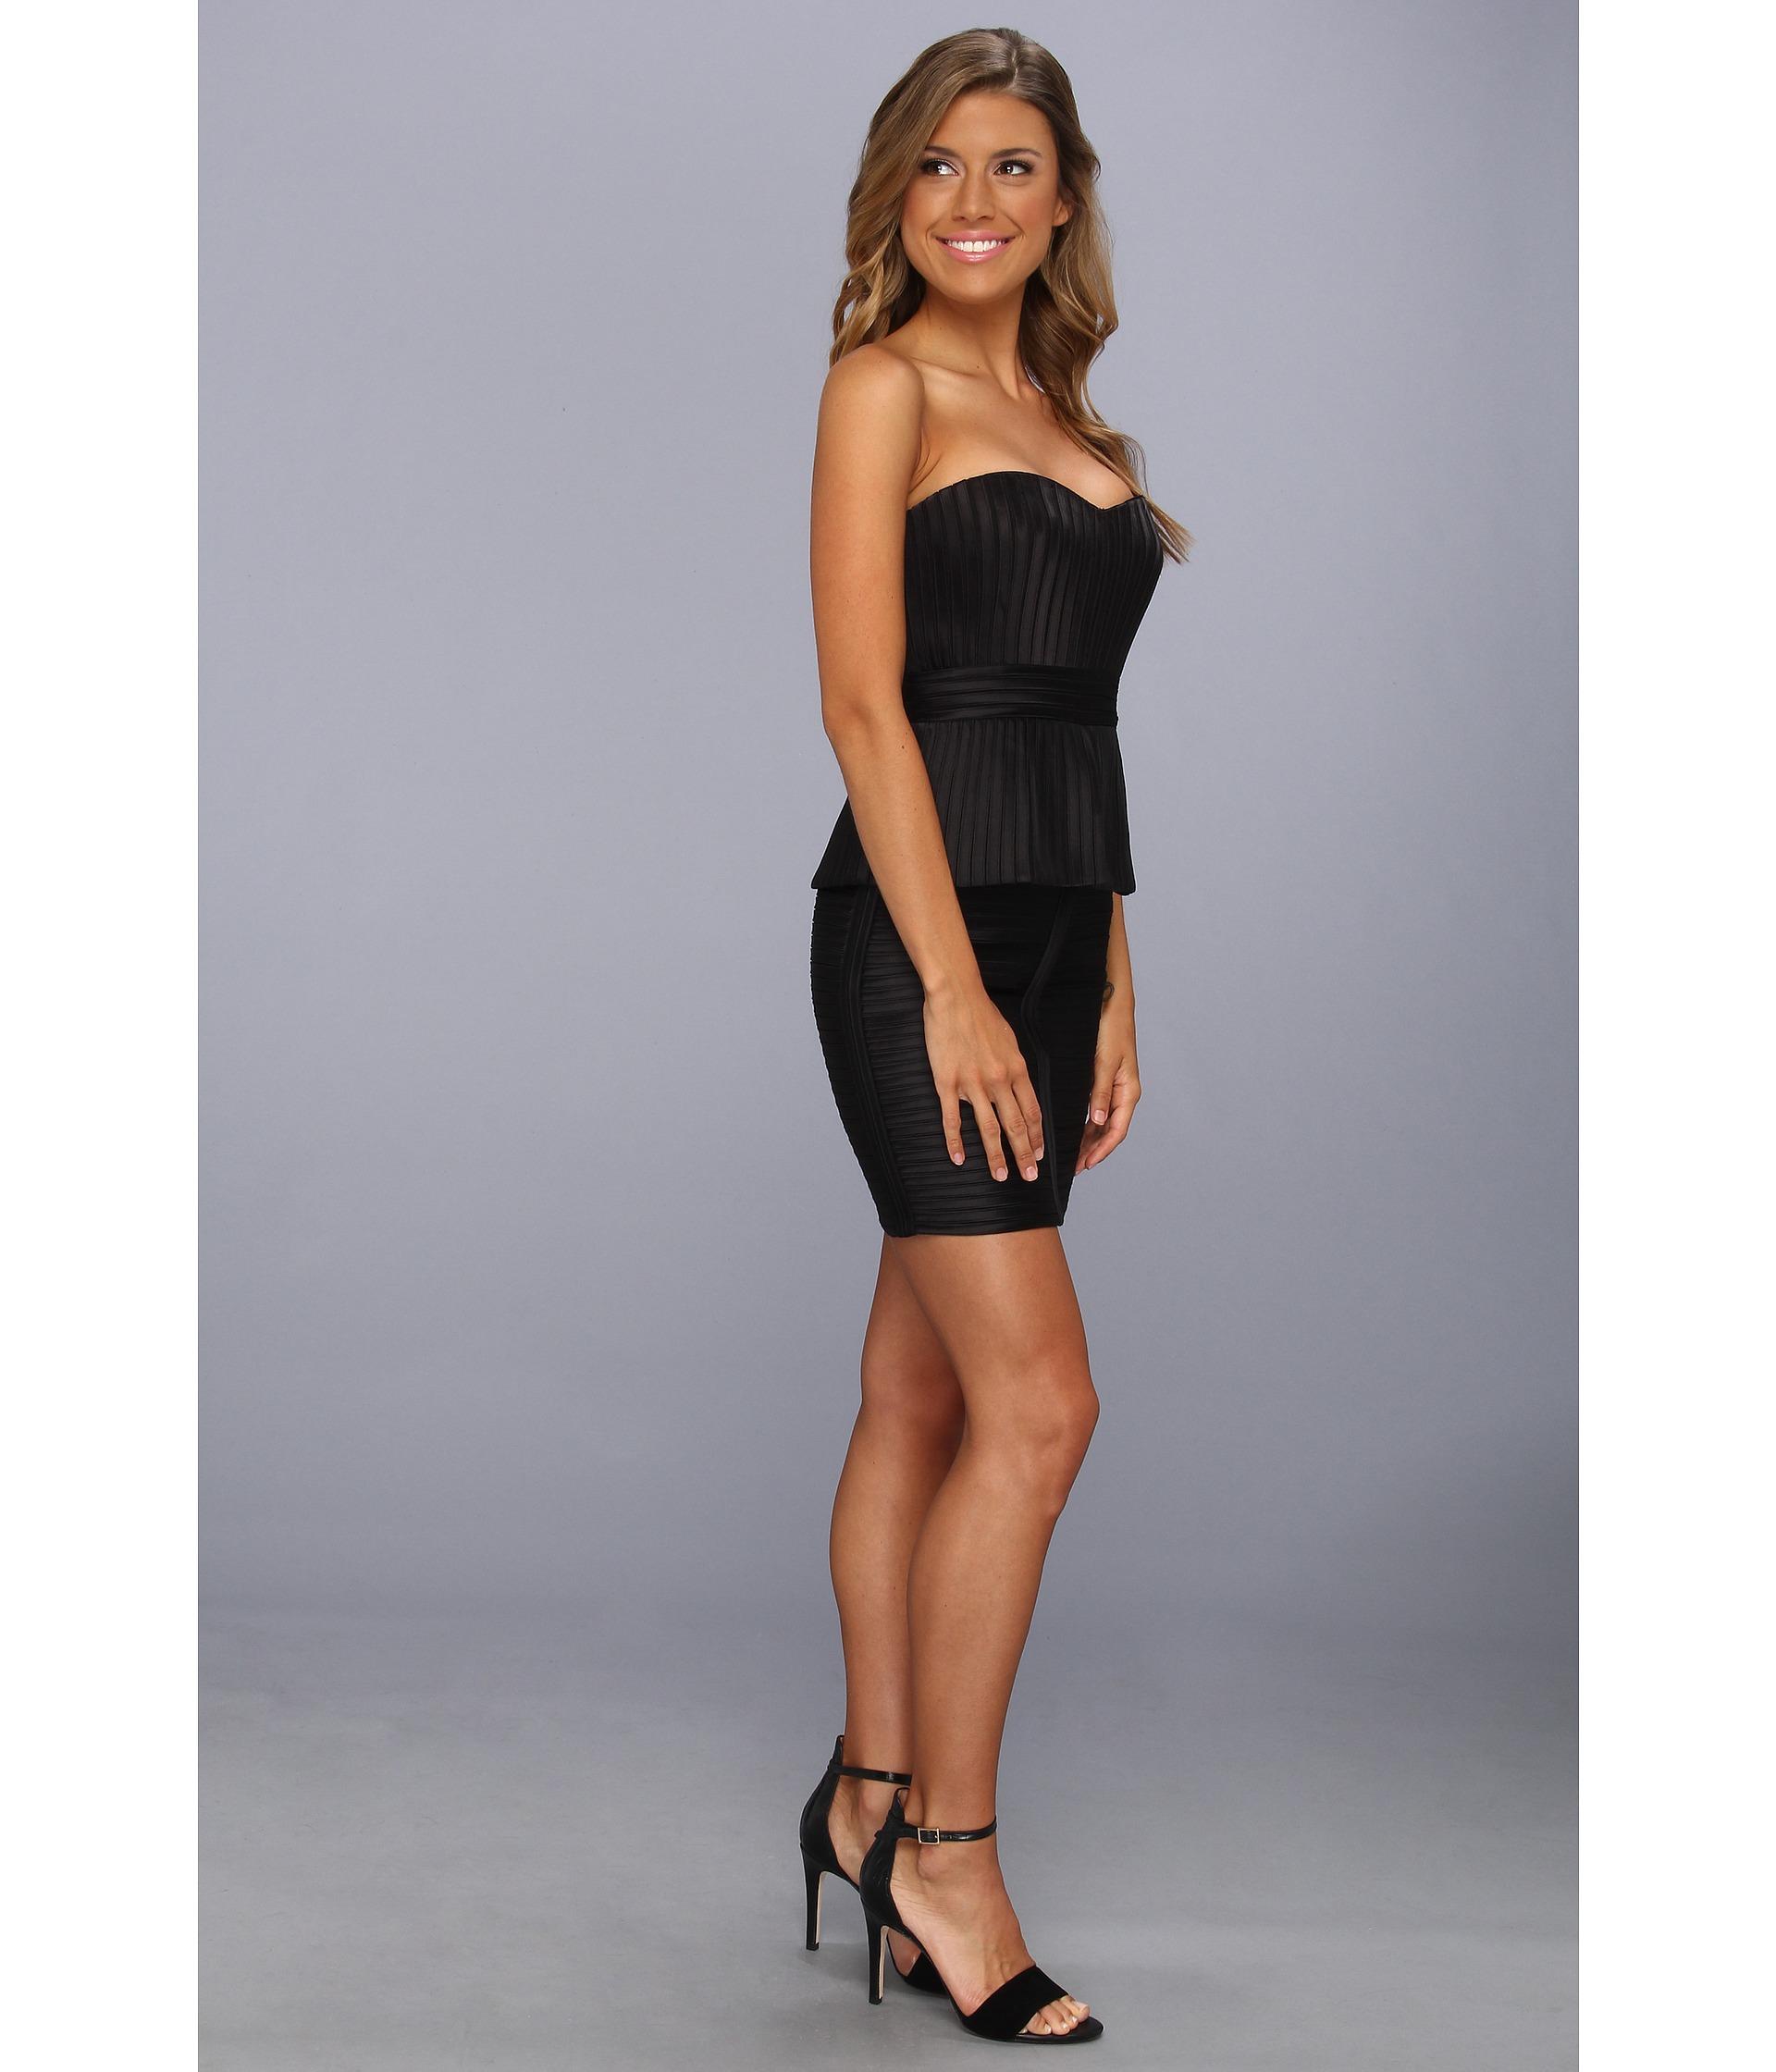 e0b1f3c8578b9 BCBGMAXAZRIA Karina Strapless Peplum Dress on PopScreen